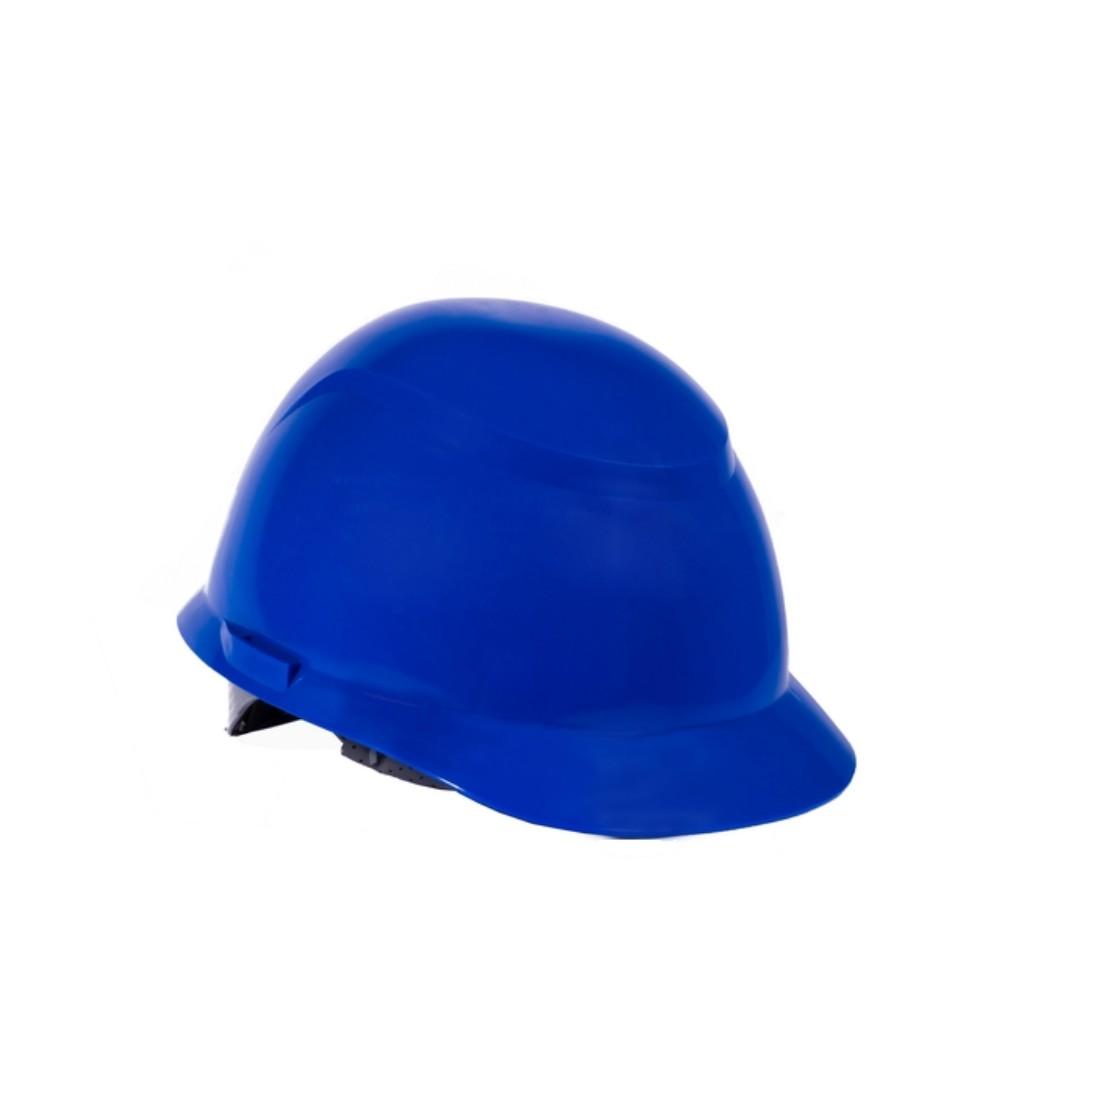 Capacete Plastico Construcao com Carneira Azul - Camper